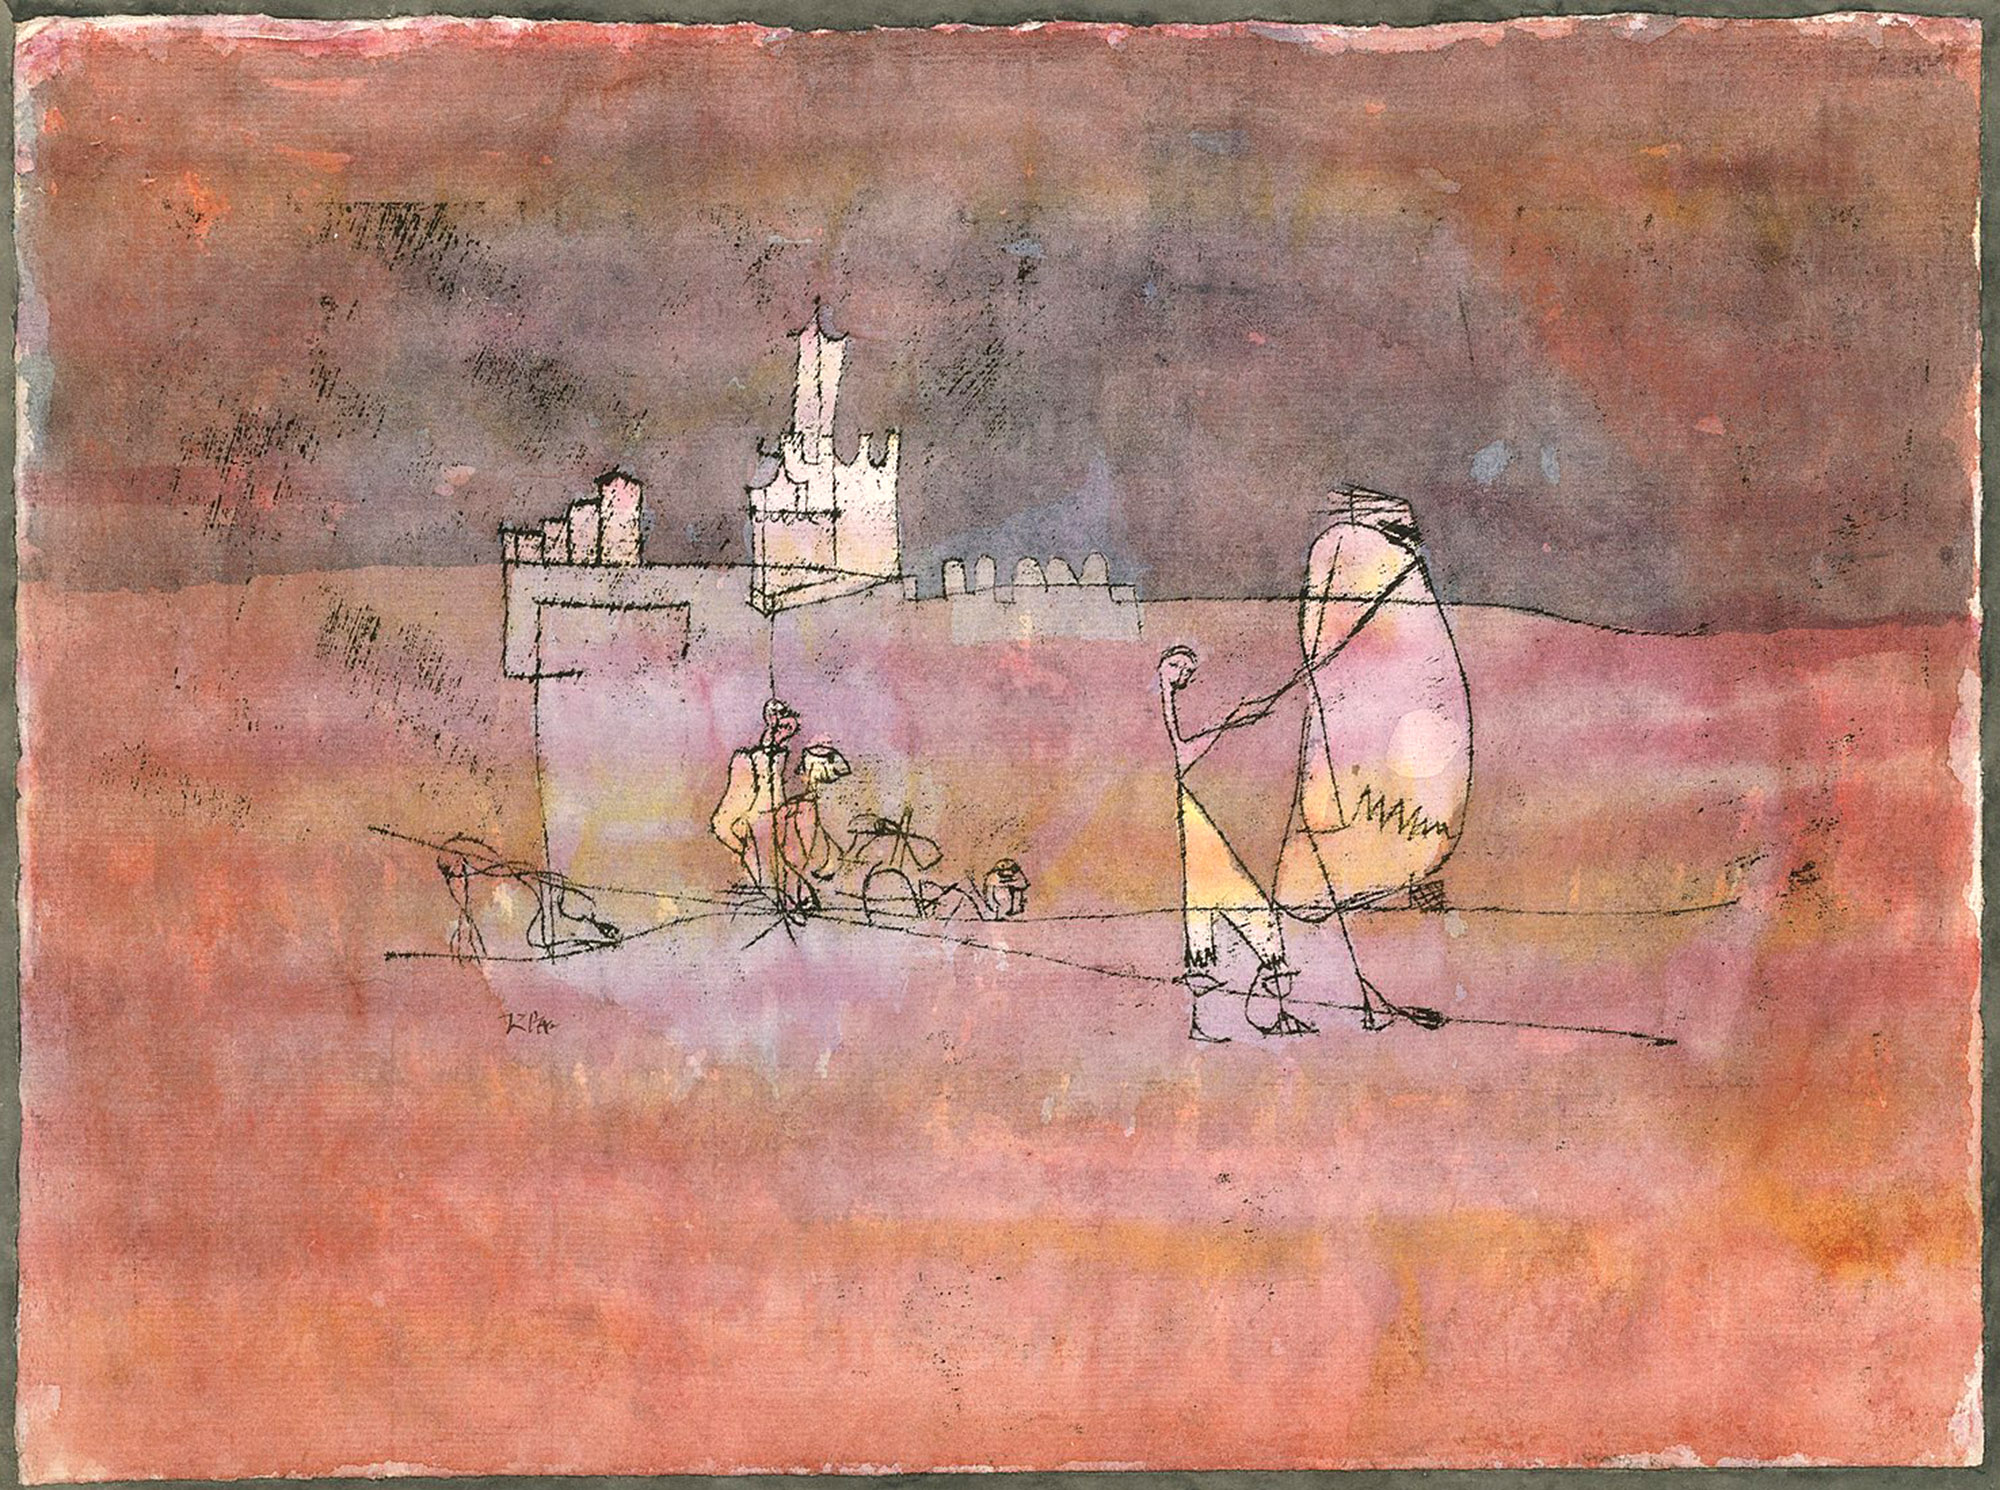 Paul Klee, Episodio prima di una città araba, 1923